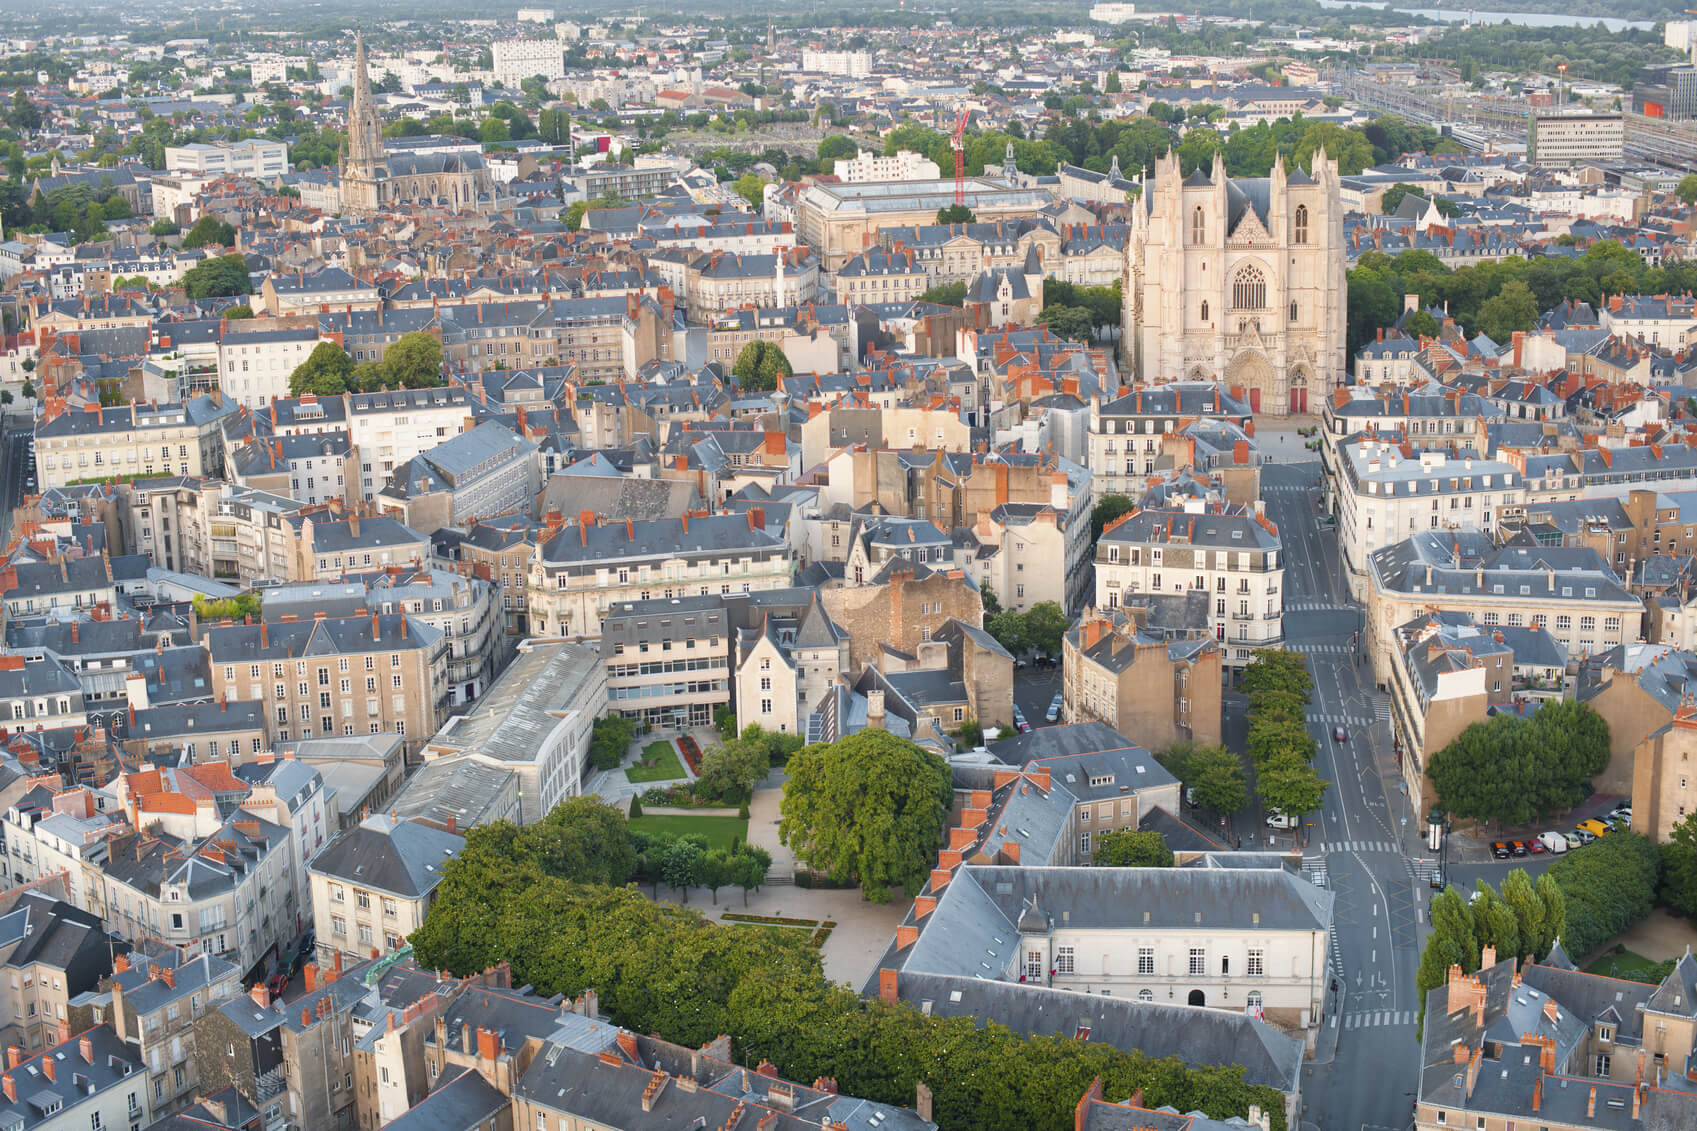 Une vue sur la ville de Nantes